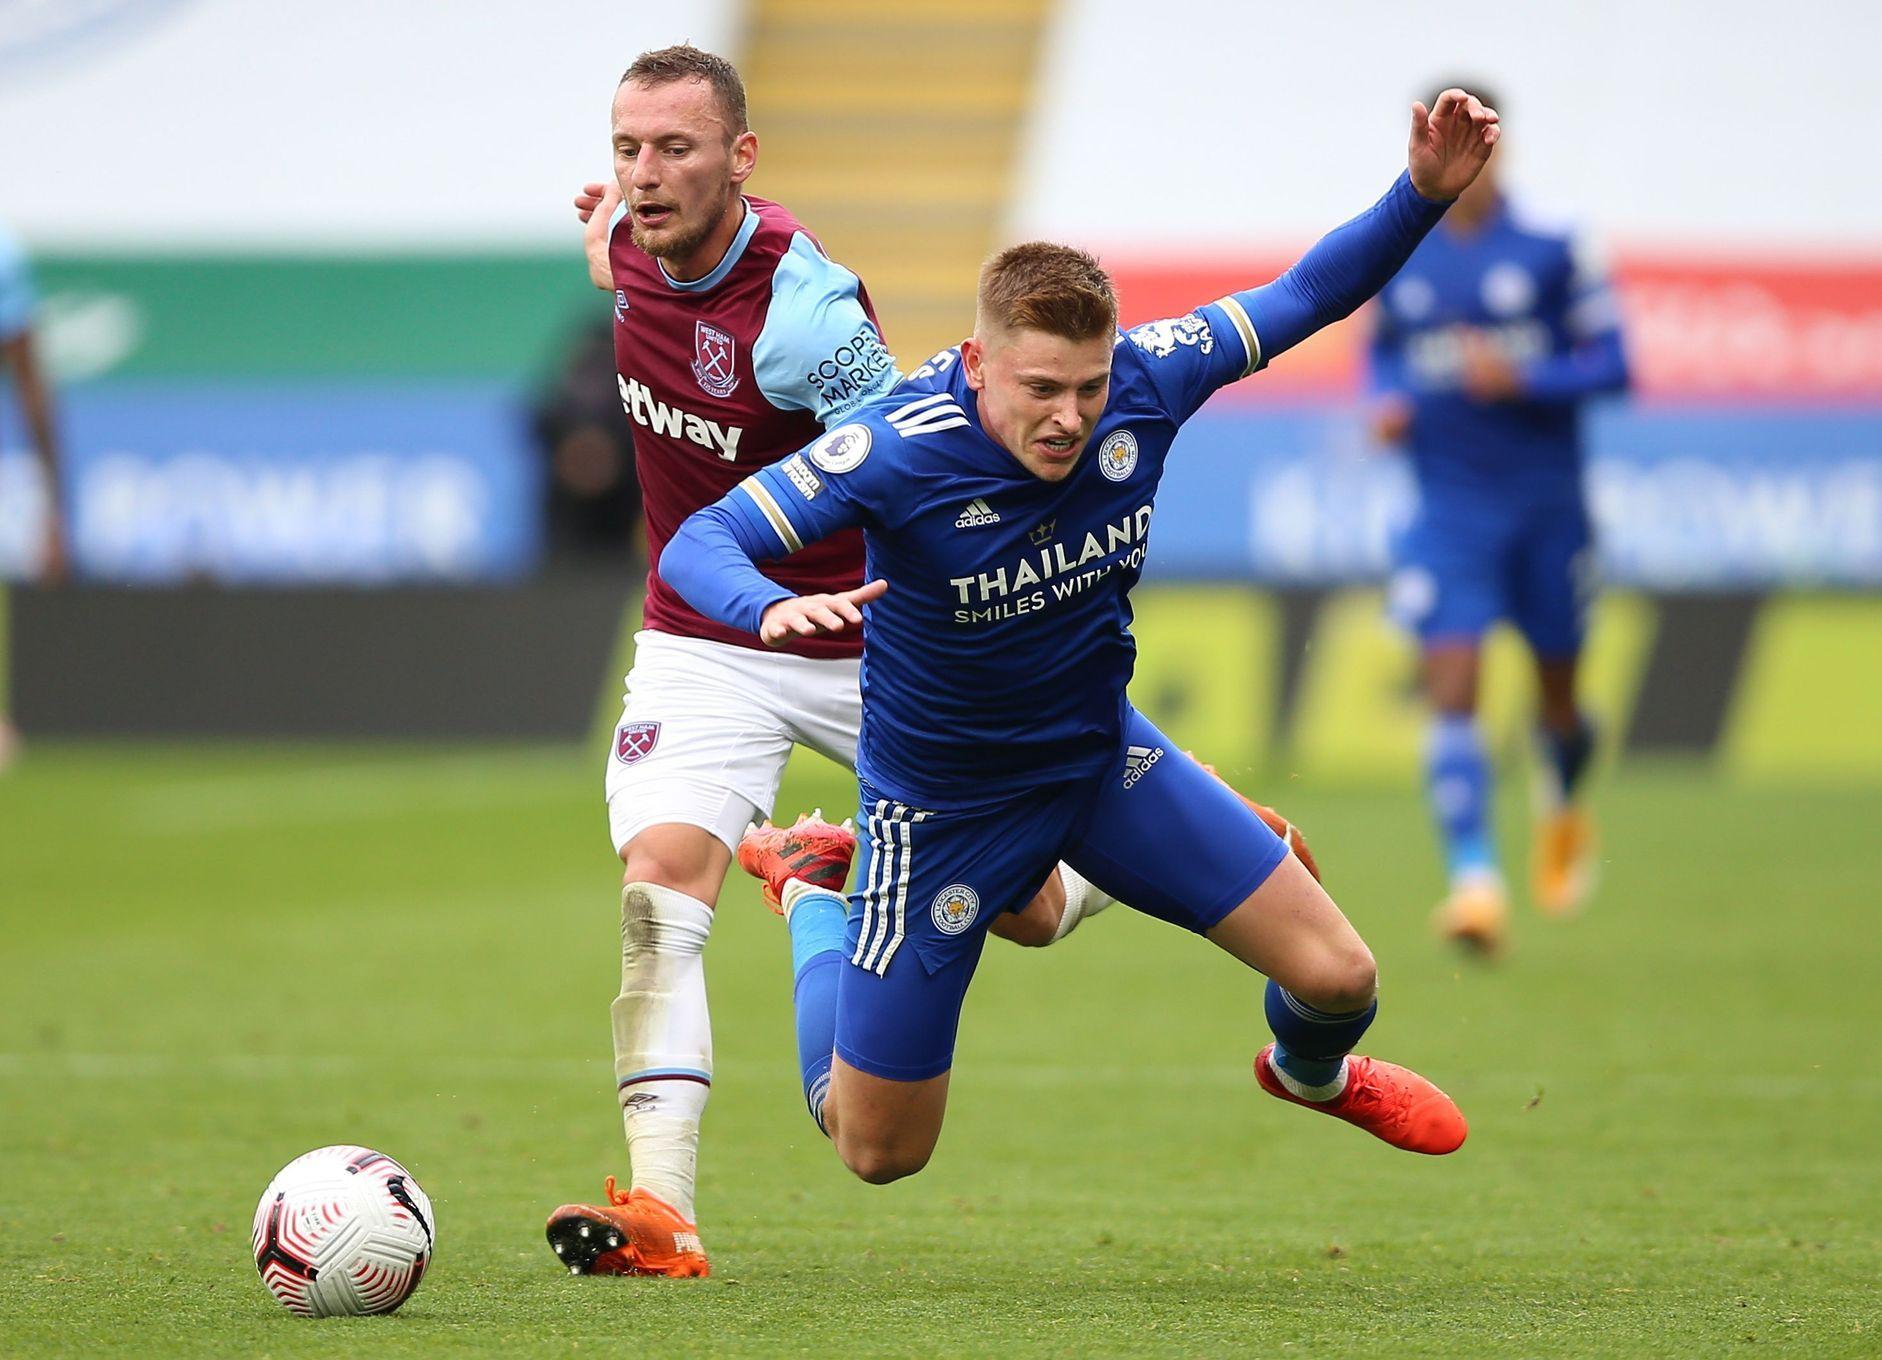 West Ham jde do bitvy s Leicesterem, Rodgers netají obdiv k Coufalovi